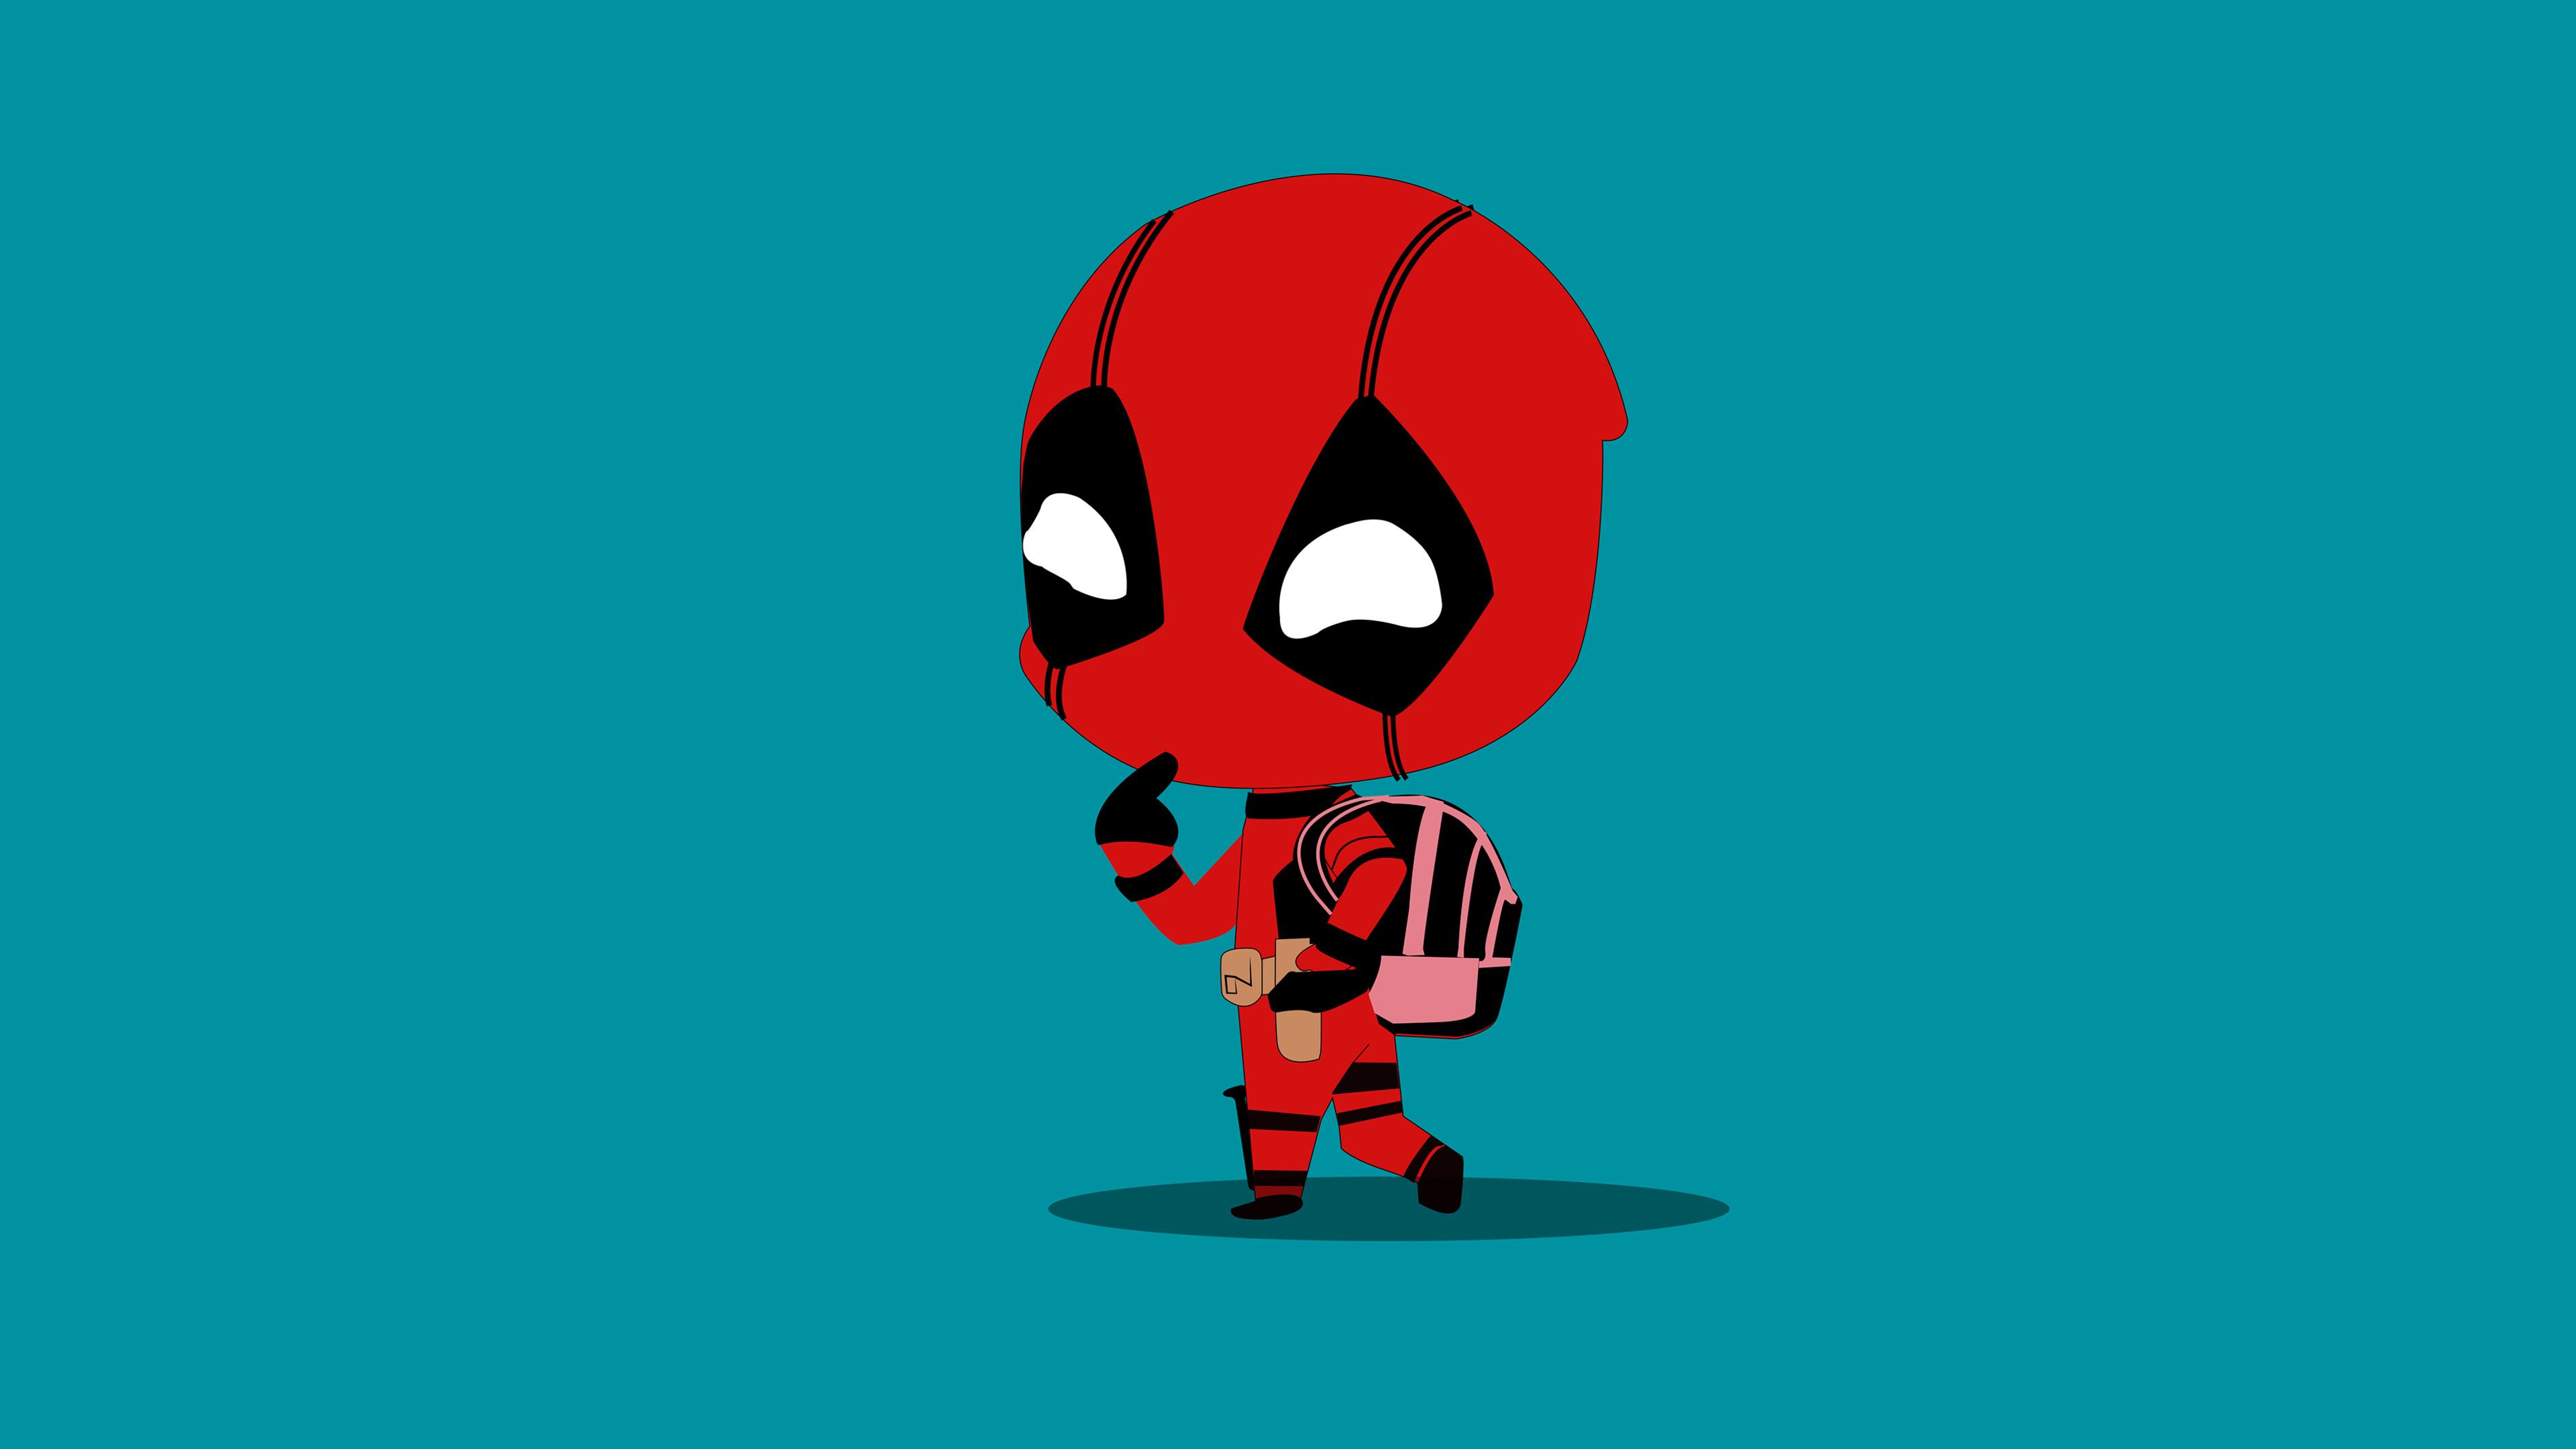 little deadpool 4k 1553072061 - Little Deadpool 4k - superheroes wallpapers, hd-wallpapers, digital art wallpapers, deadpool wallpapers, behance wallpapers, artwork wallpapers, artist wallpapers, 4k-wallpapers